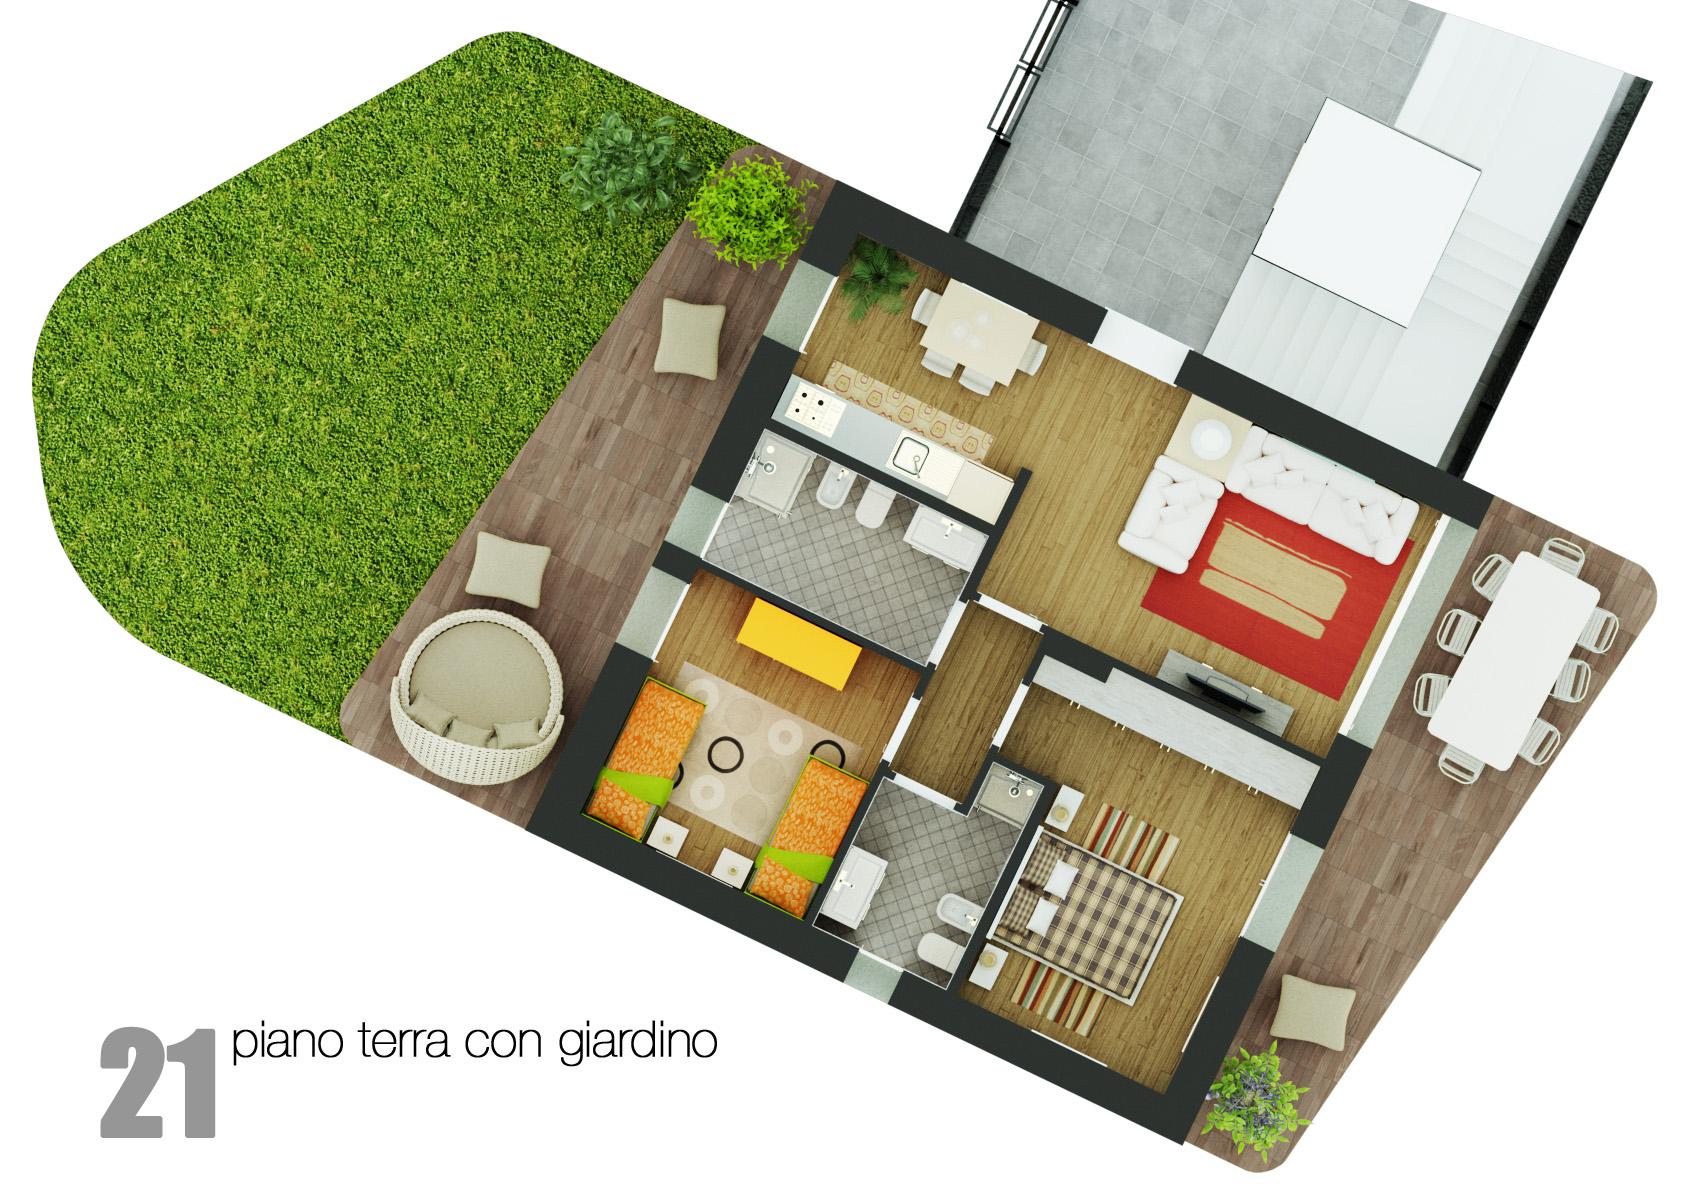 Vasca Da Bagno Piccola Dwg : Camere albergo dwg. stunning di una piccola struttura foto with